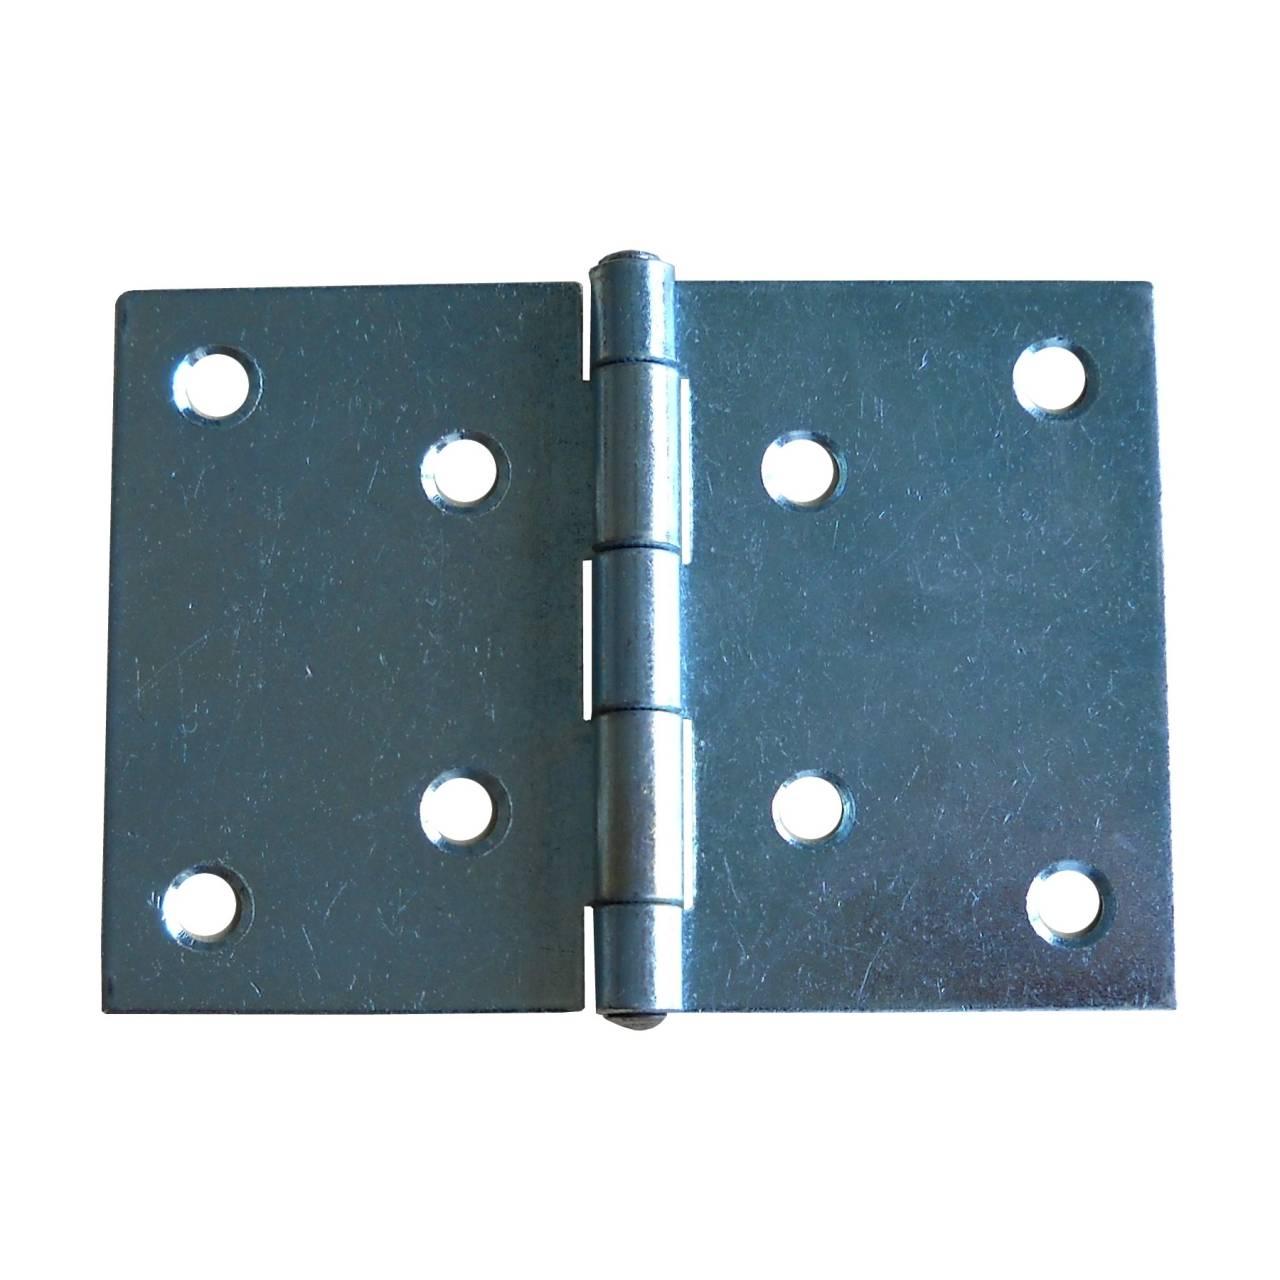 Scharnier vz 70 x 100 x 1,5 mm / Pck a 2 Stück